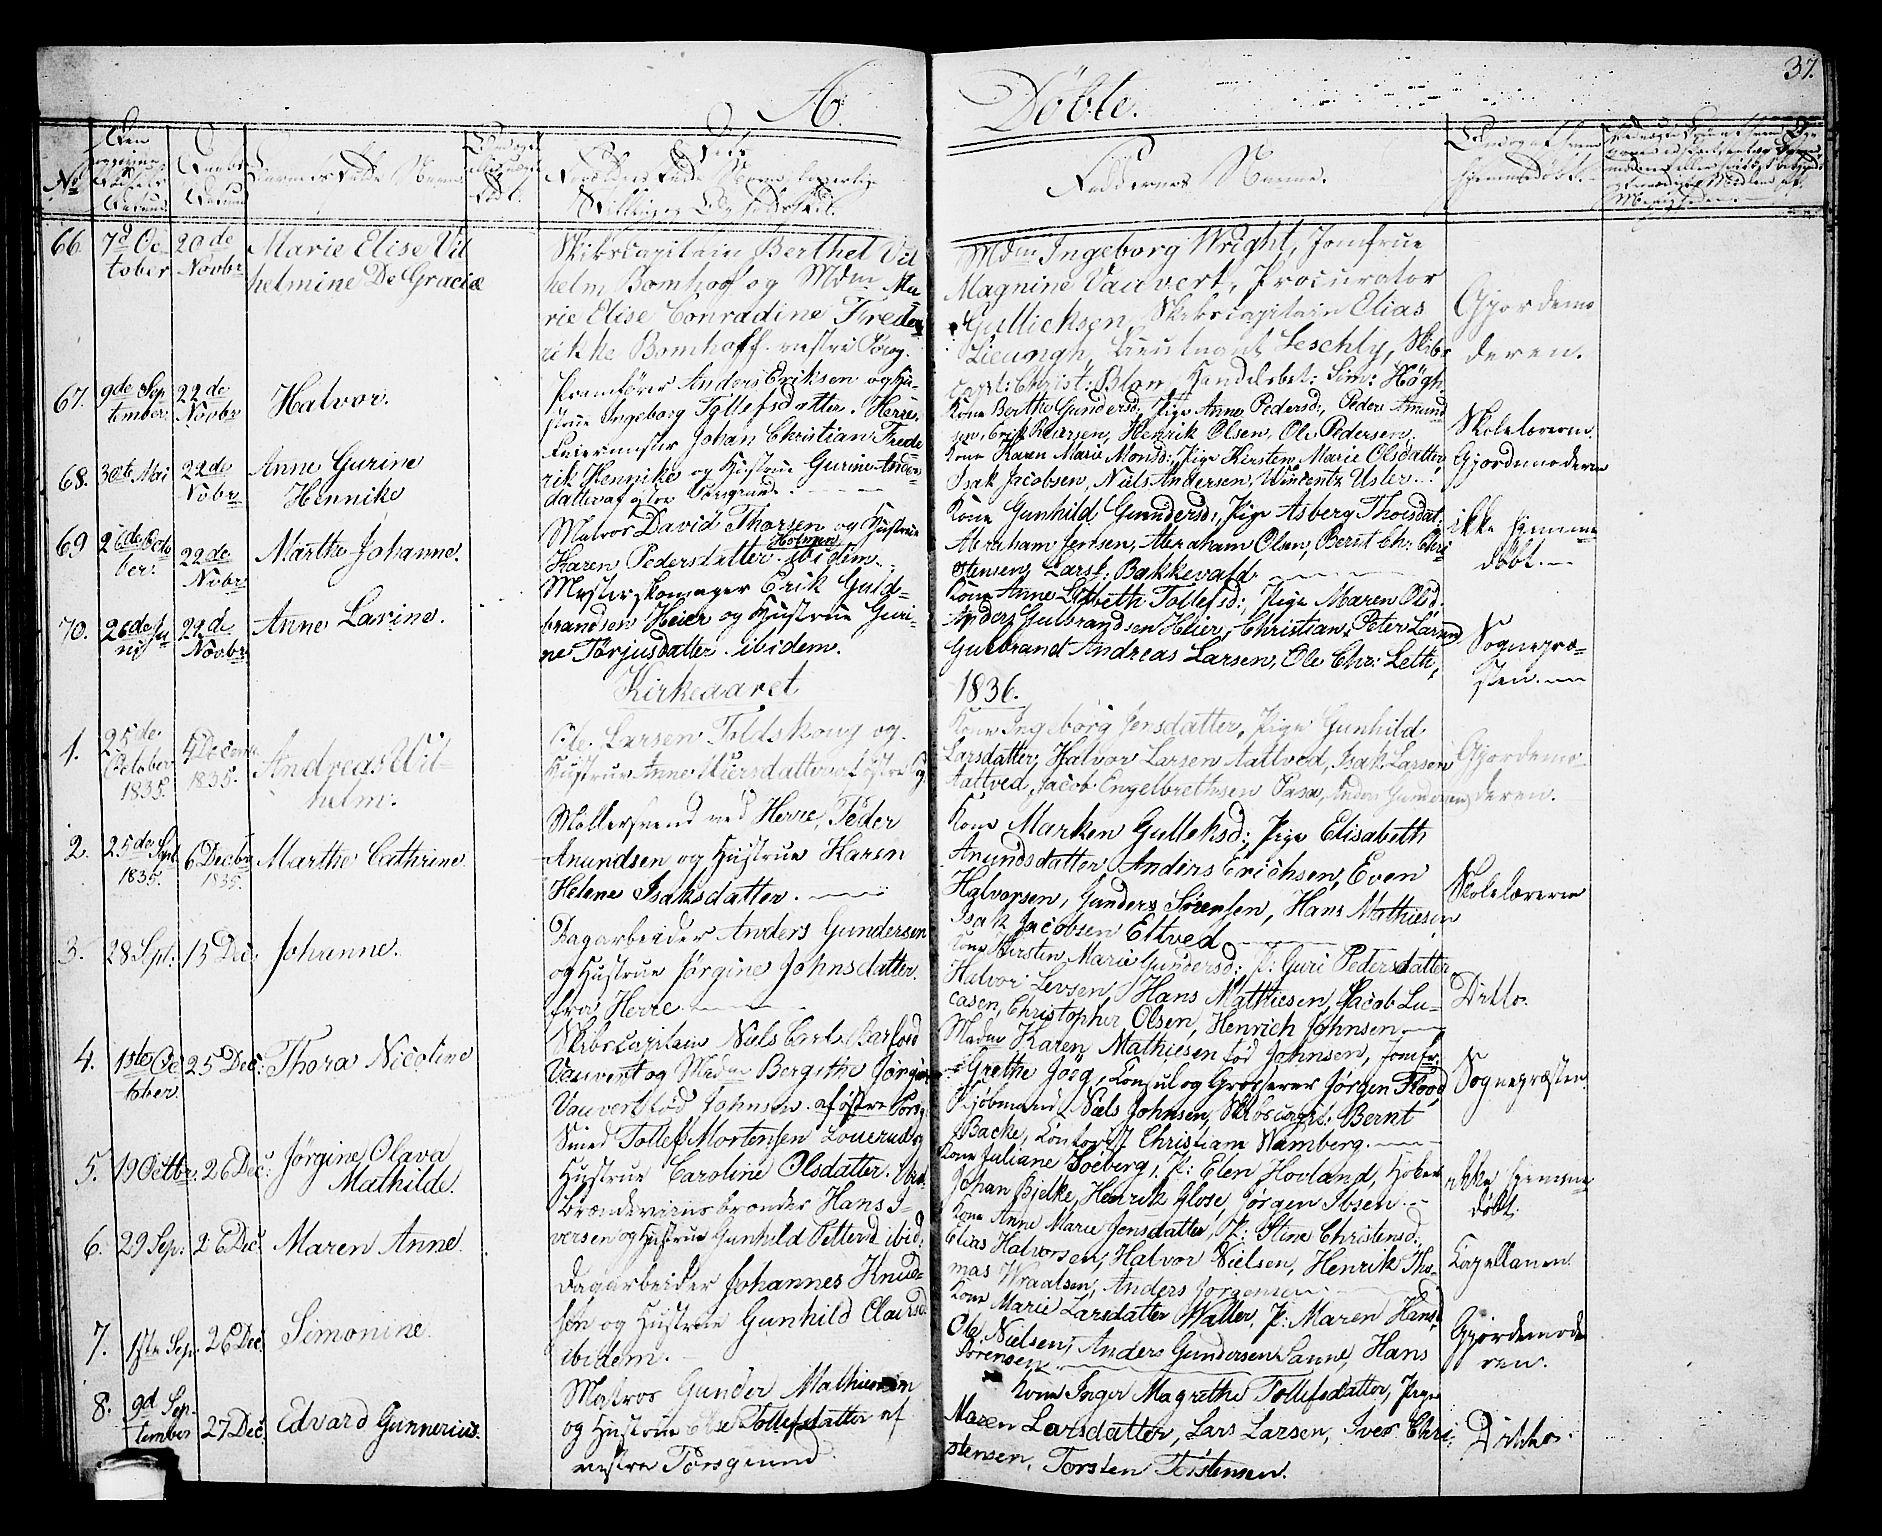 SAKO, Porsgrunn kirkebøker , G/Gb/L0002: Klokkerbok nr. II 2, 1828-1841, s. 37